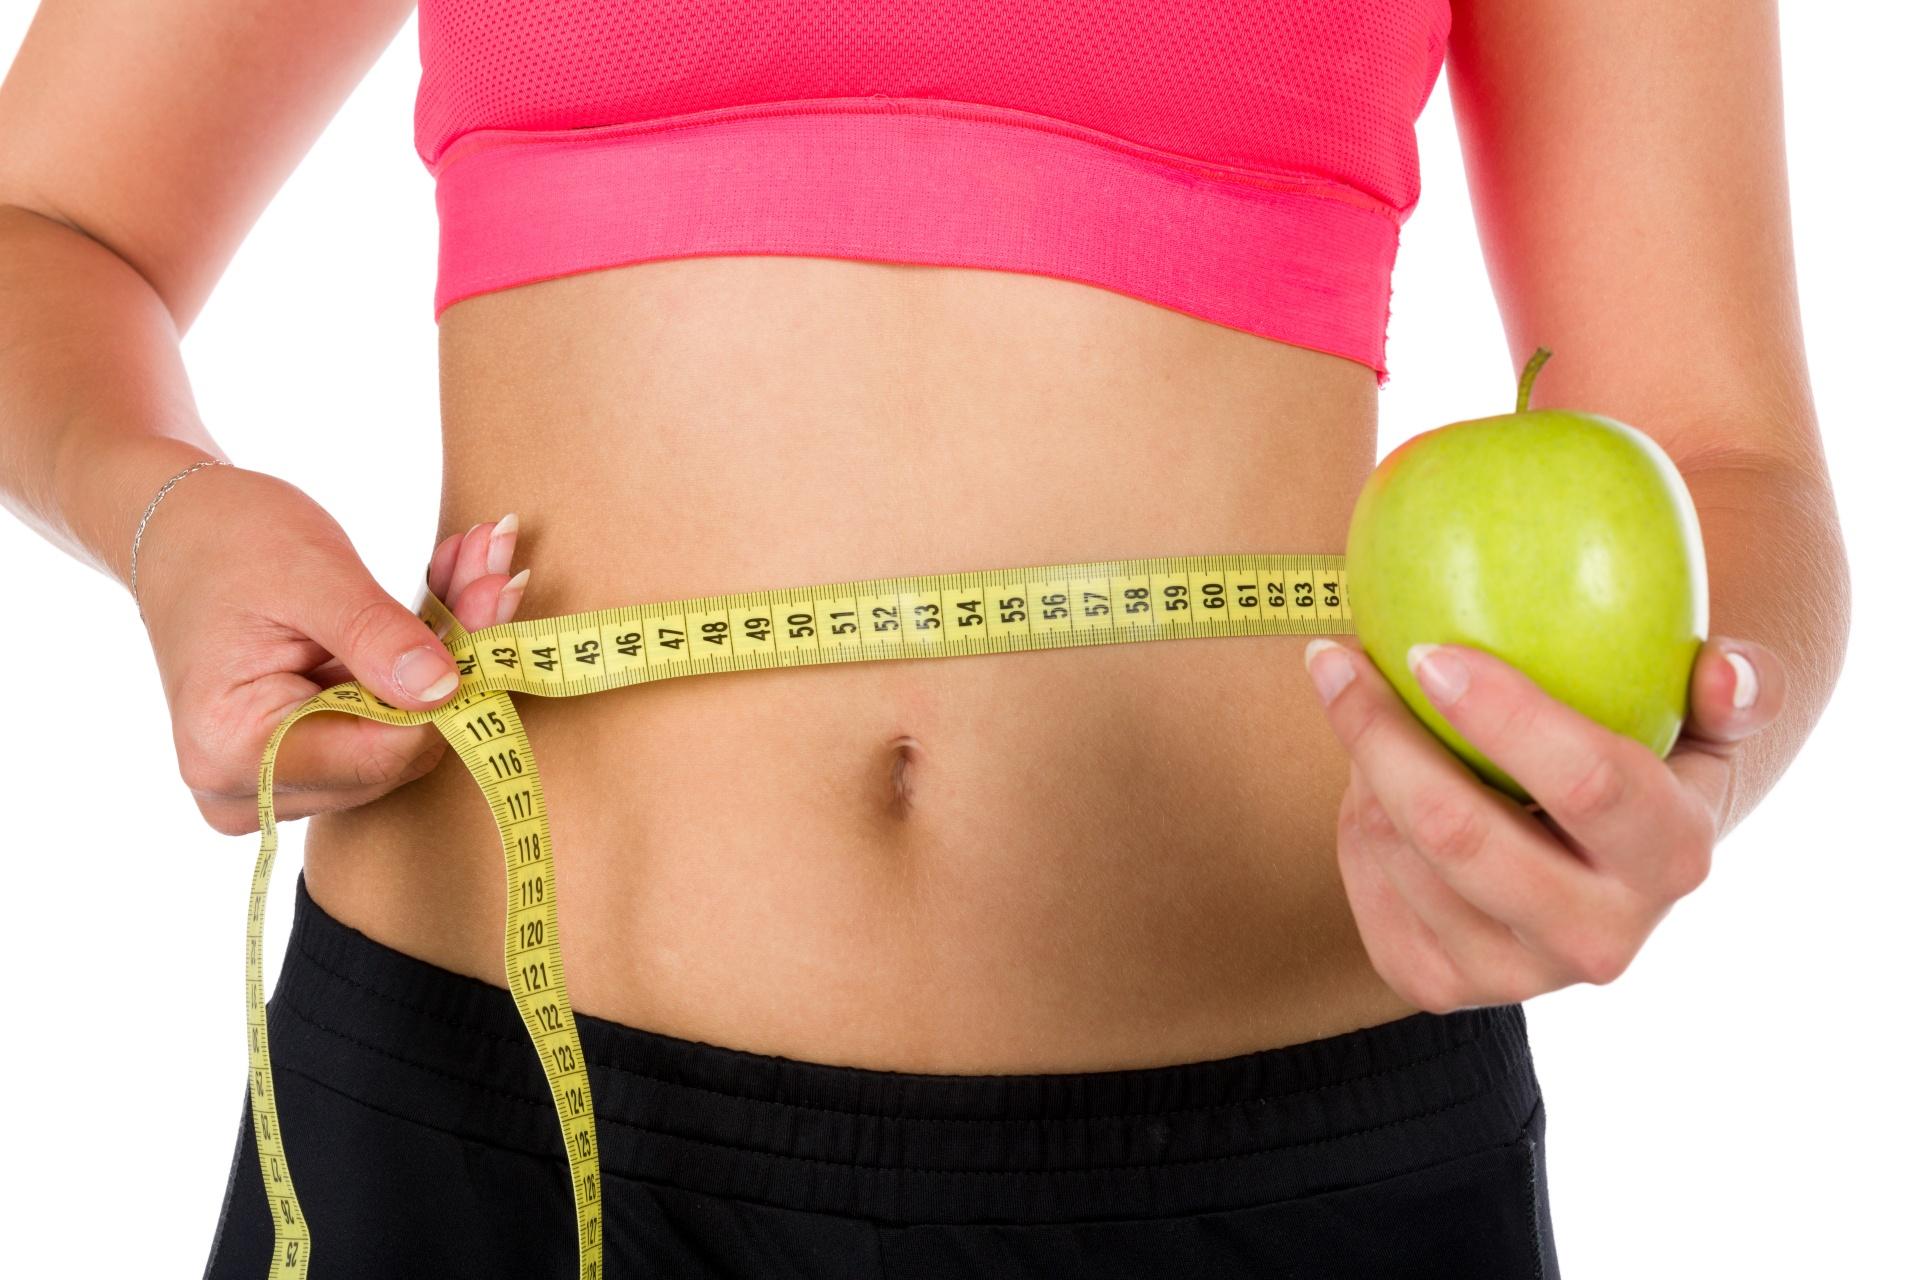 Сбросить Лишний Вес Для Девушки. Как быстро похудеть: 9 самых популярных способов и 5 рекомендаций диетологов